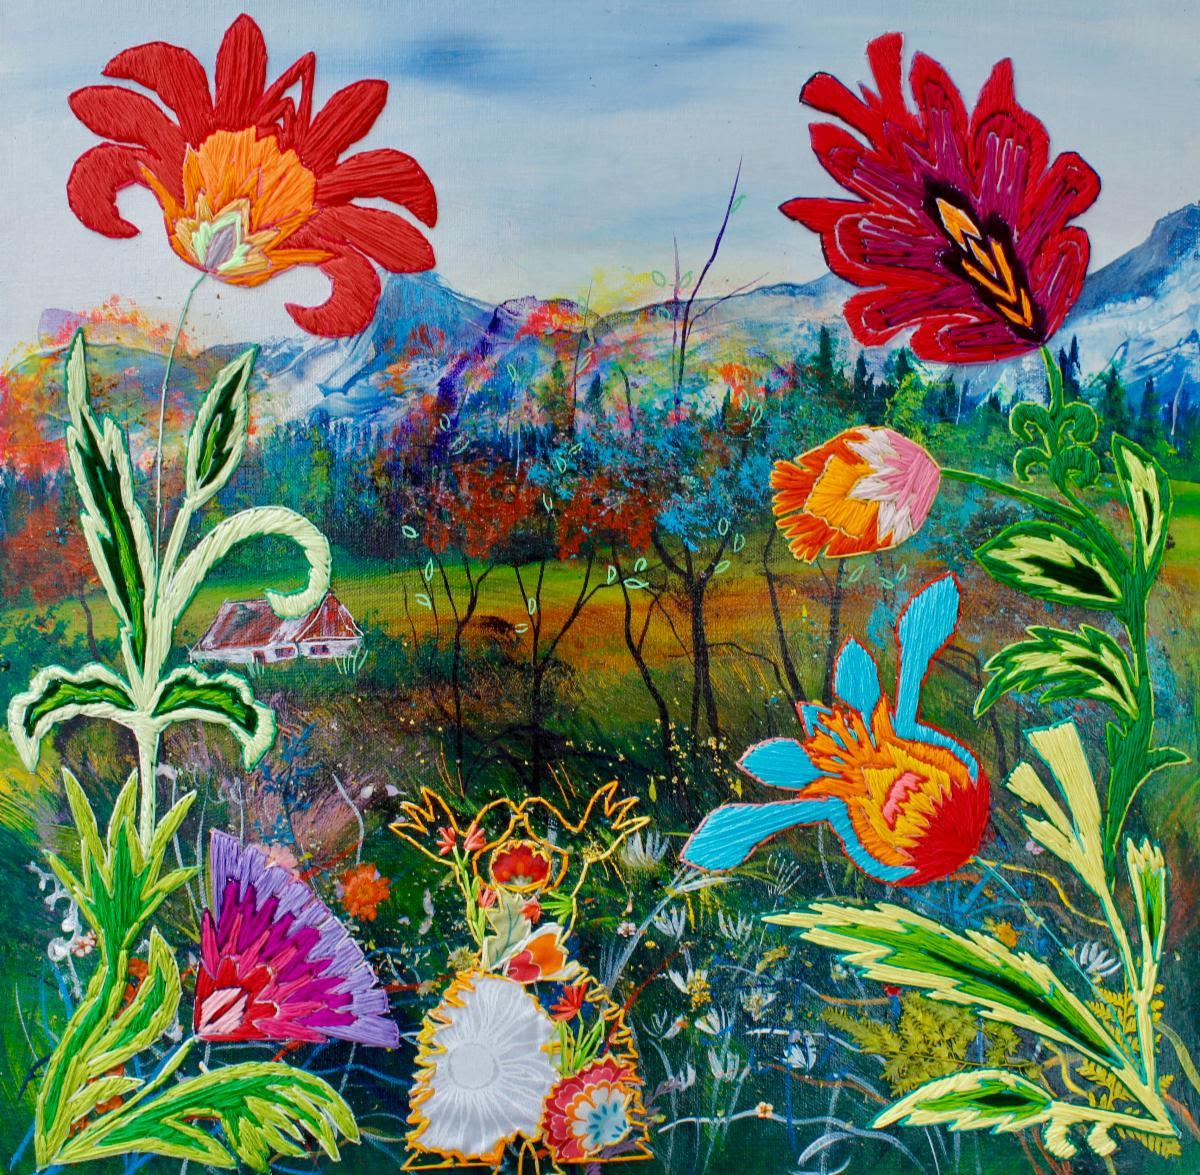 Green Grass of Home: The Artwork of Natalia Pas